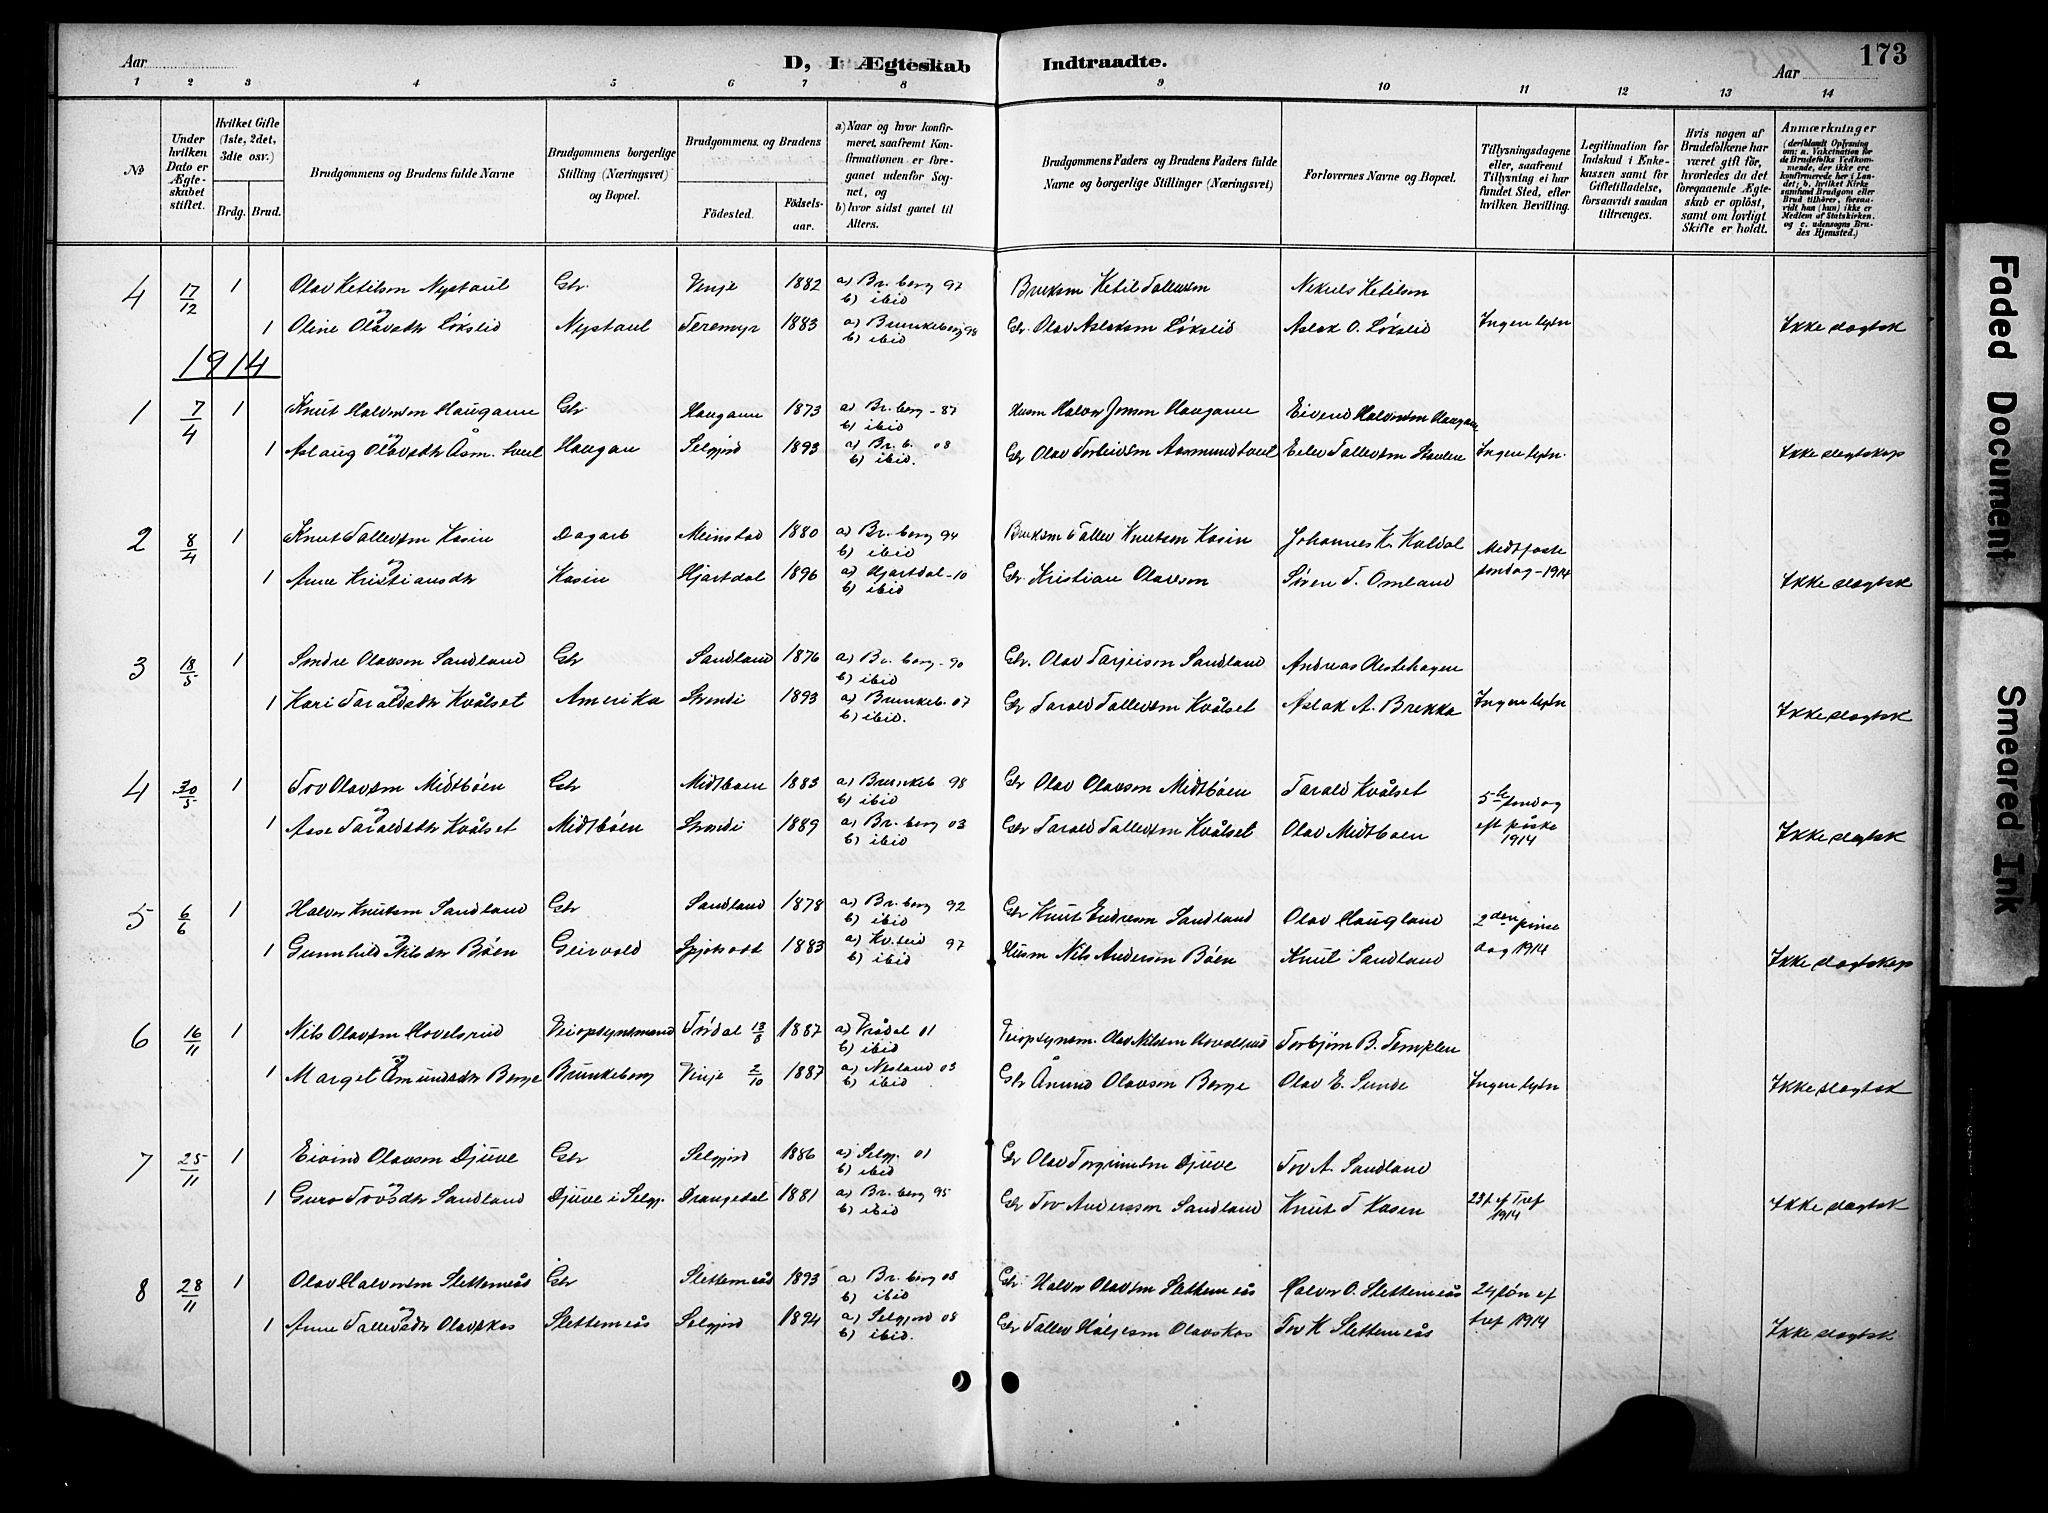 SAKO, Kviteseid kirkebøker, G/Gb/L0003: Klokkerbok nr. II 3, 1893-1933, s. 173